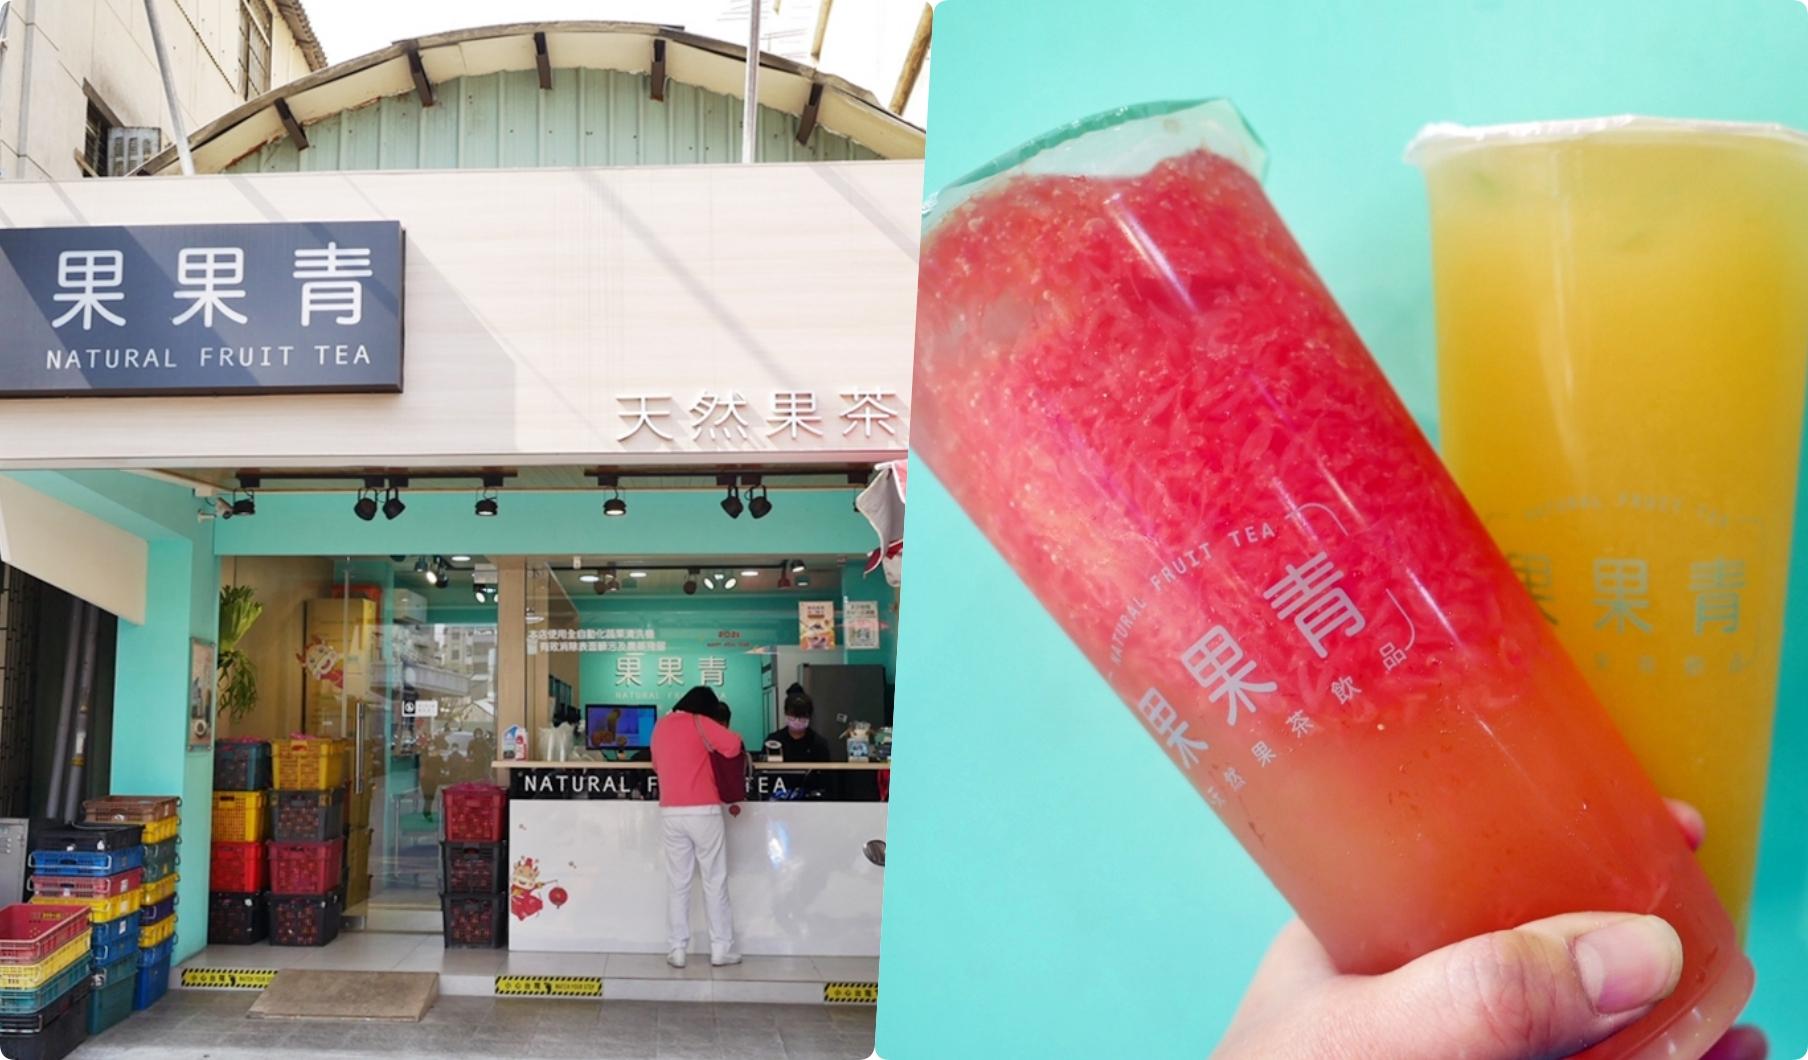 最新推播訊息:google評價4.9顆星 位於沙鹿市場內 光田綜合醫院後方 火車站附近的新鮮現榨果汁。